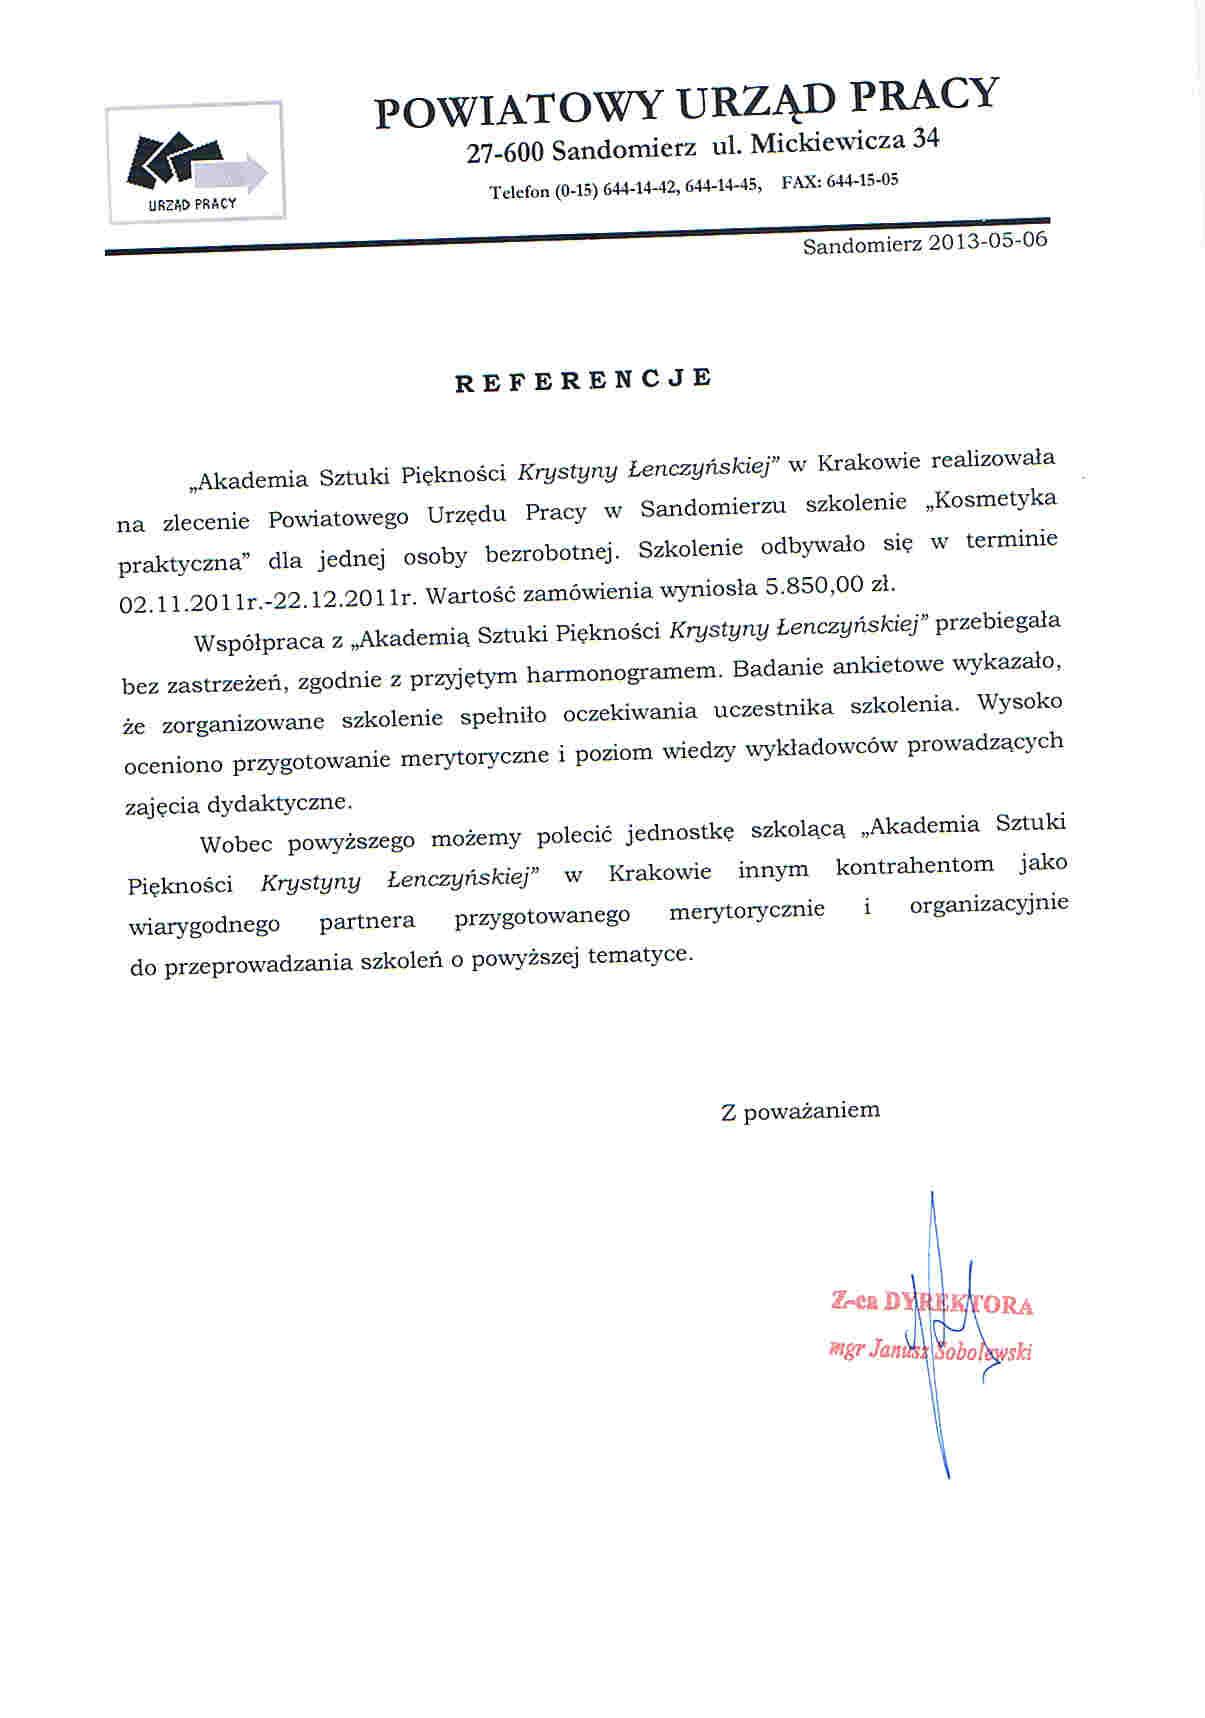 Powiatowy Urząd Pracy w Sandomierzu-Sandomierz